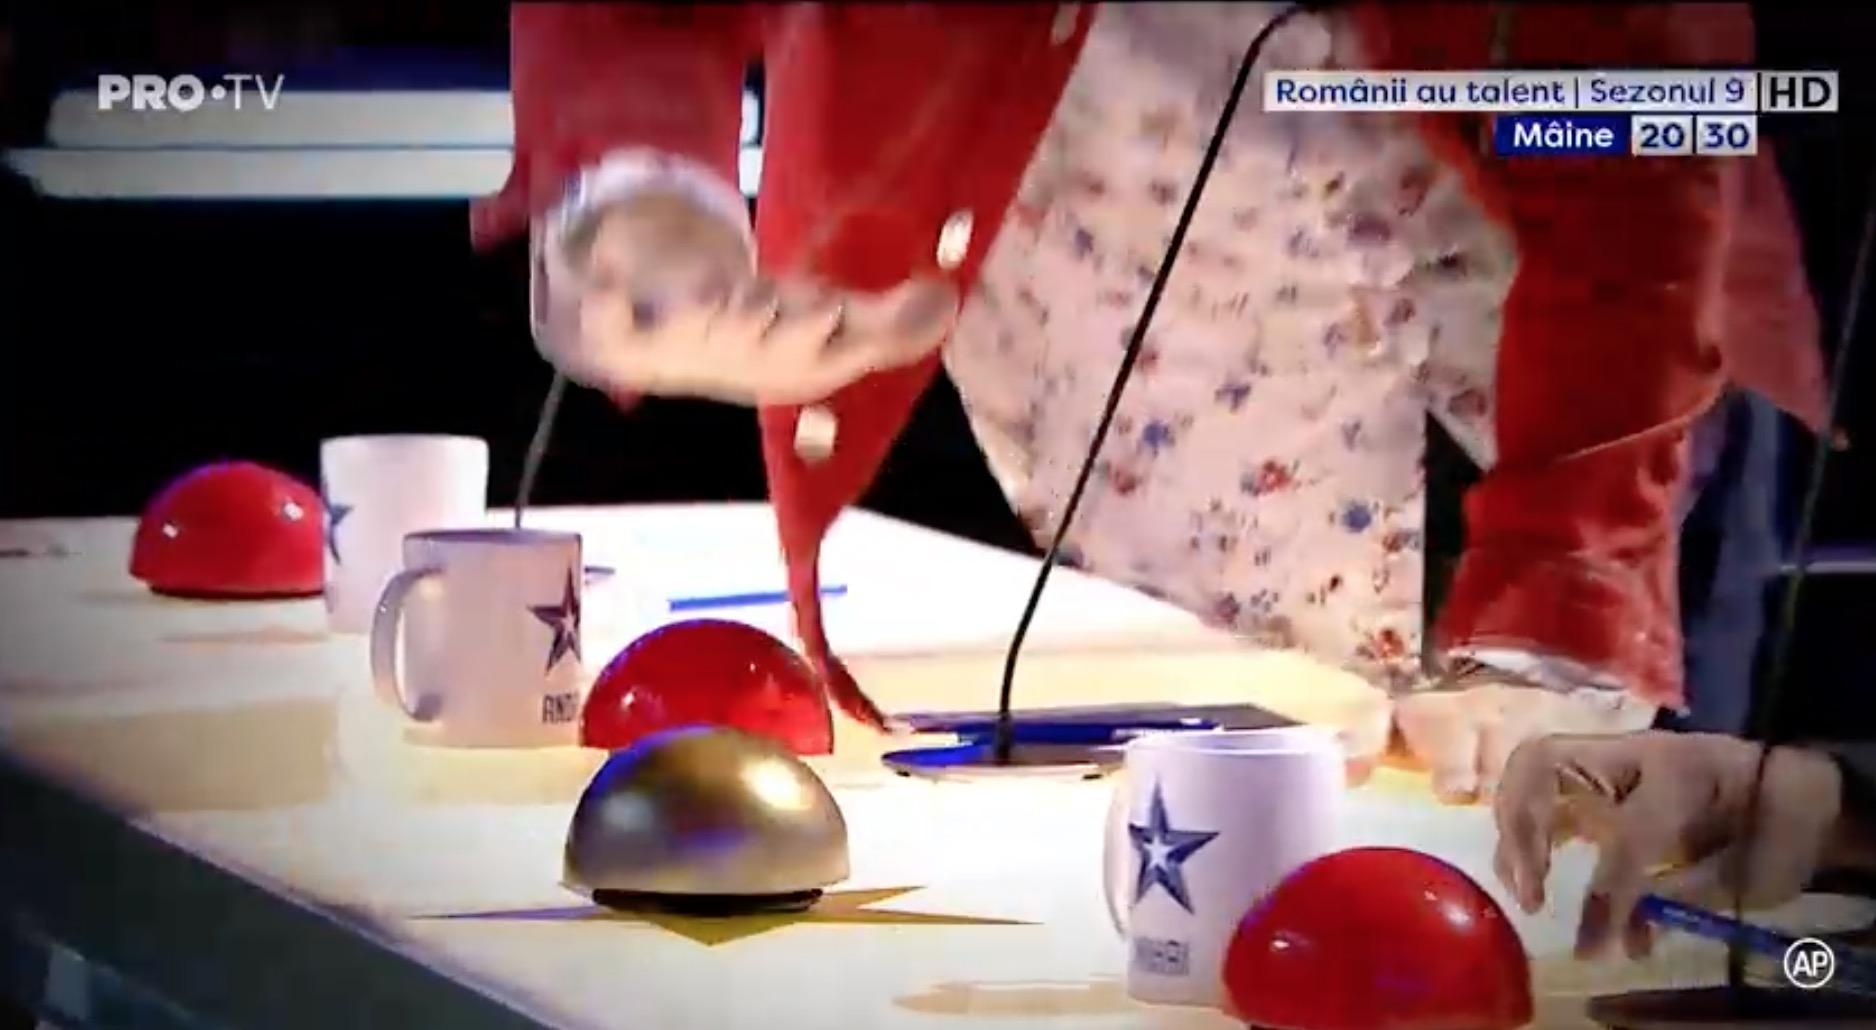 Românii au talent, Golden Buzz Andi Moisescu, 8 martie 2019 - Cine primește butonul auriu